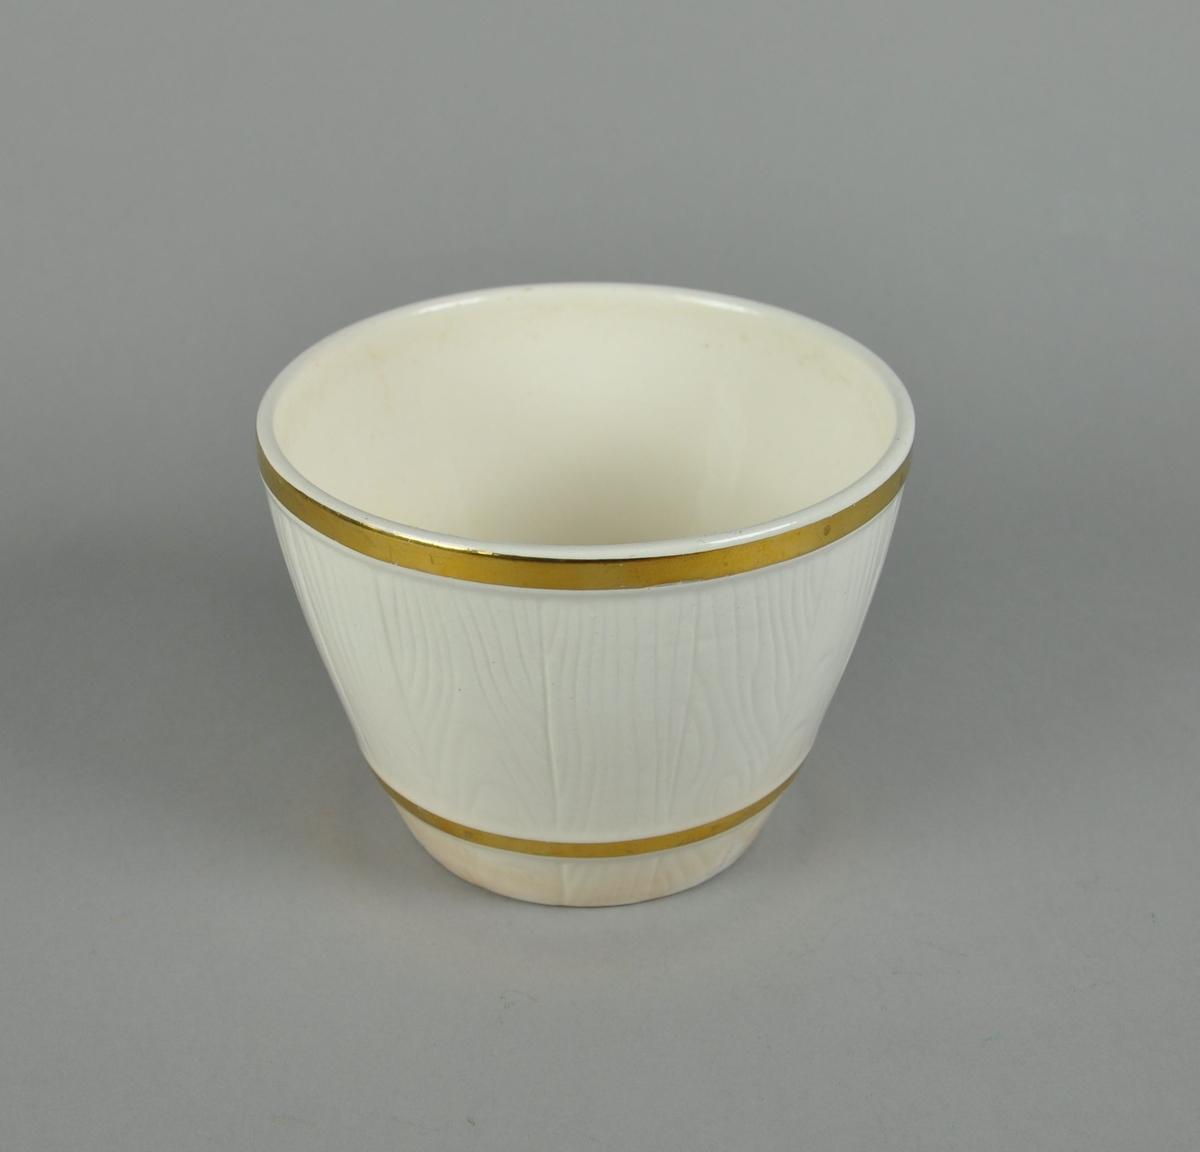 Blomsterurne av hvit keramikk. Urnen har to gullmalte linjer.